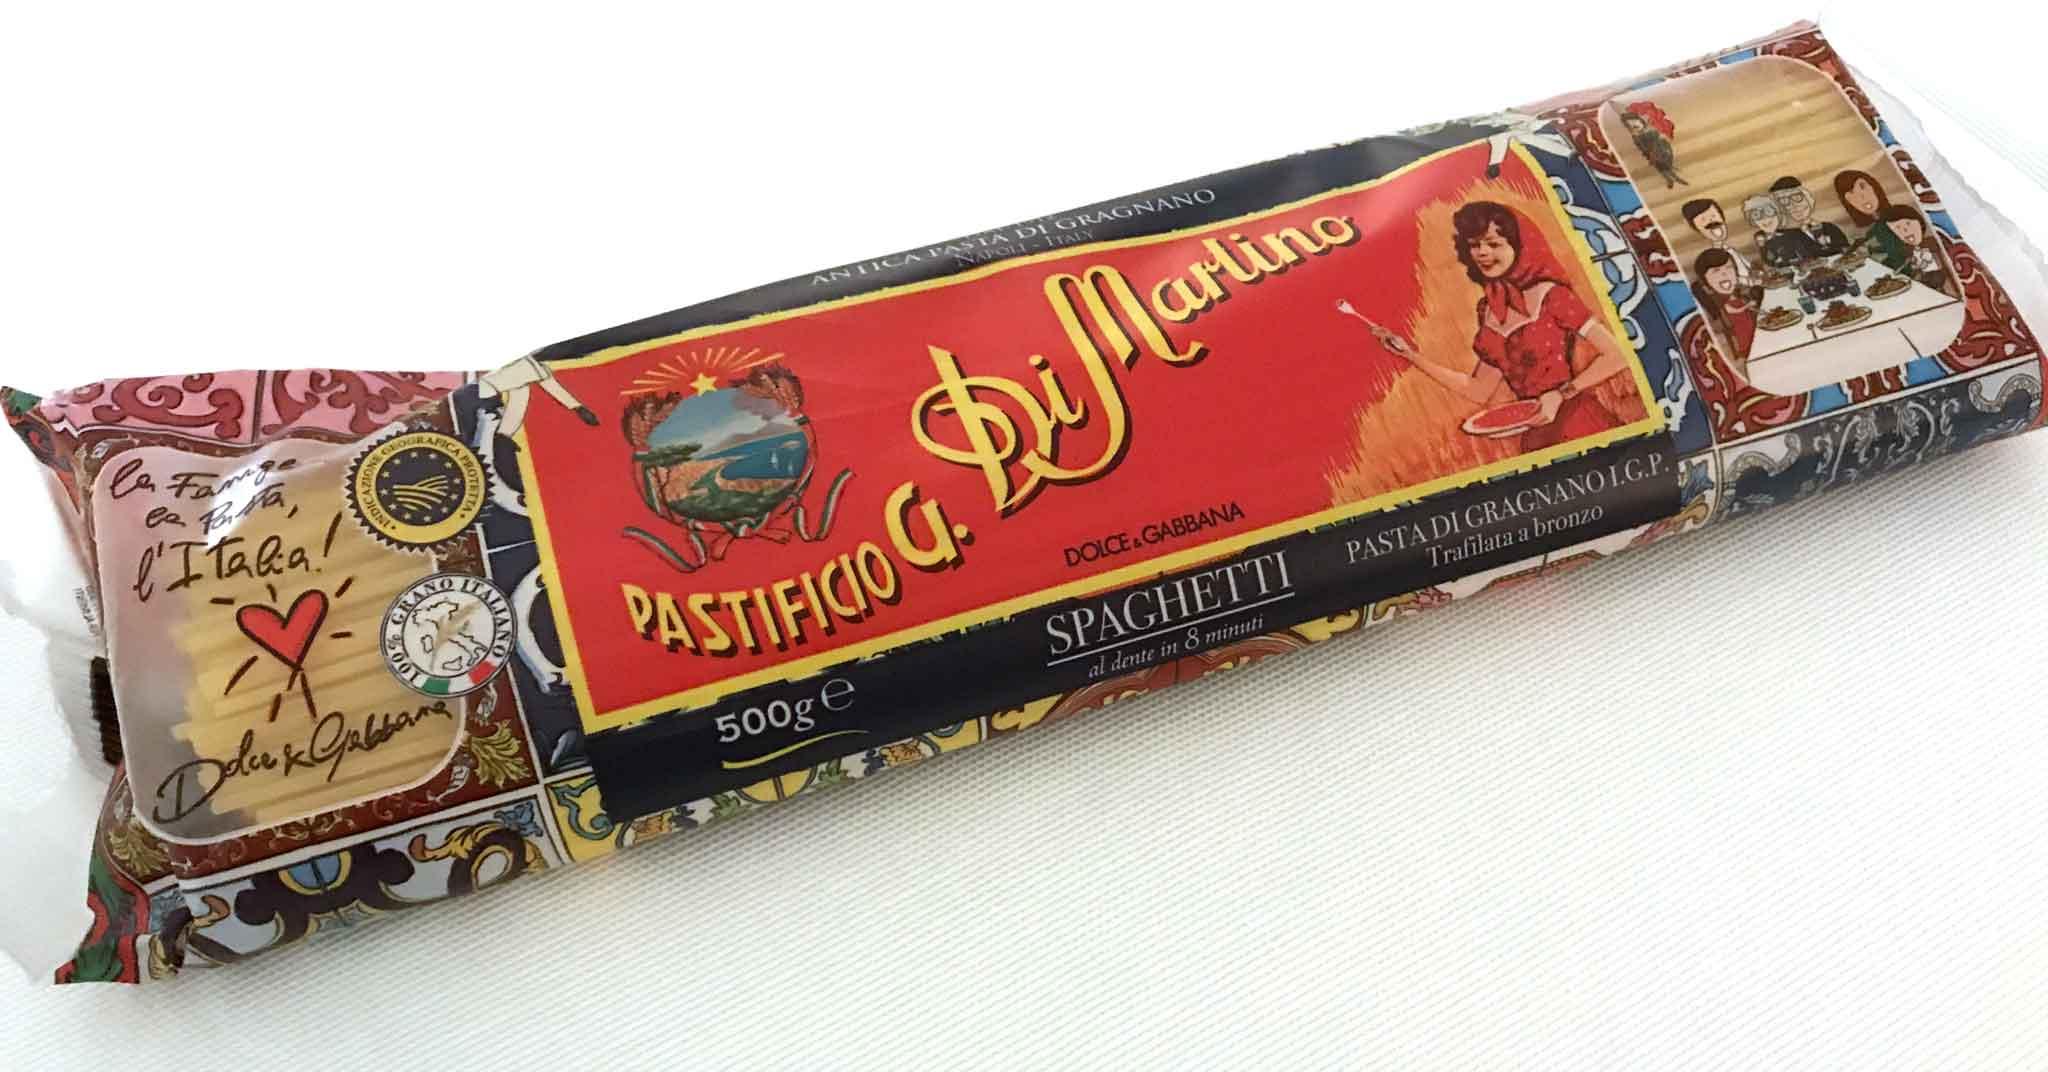 Dolce-e-Gabbana-Pastificio-Di-Martino-spaghetti